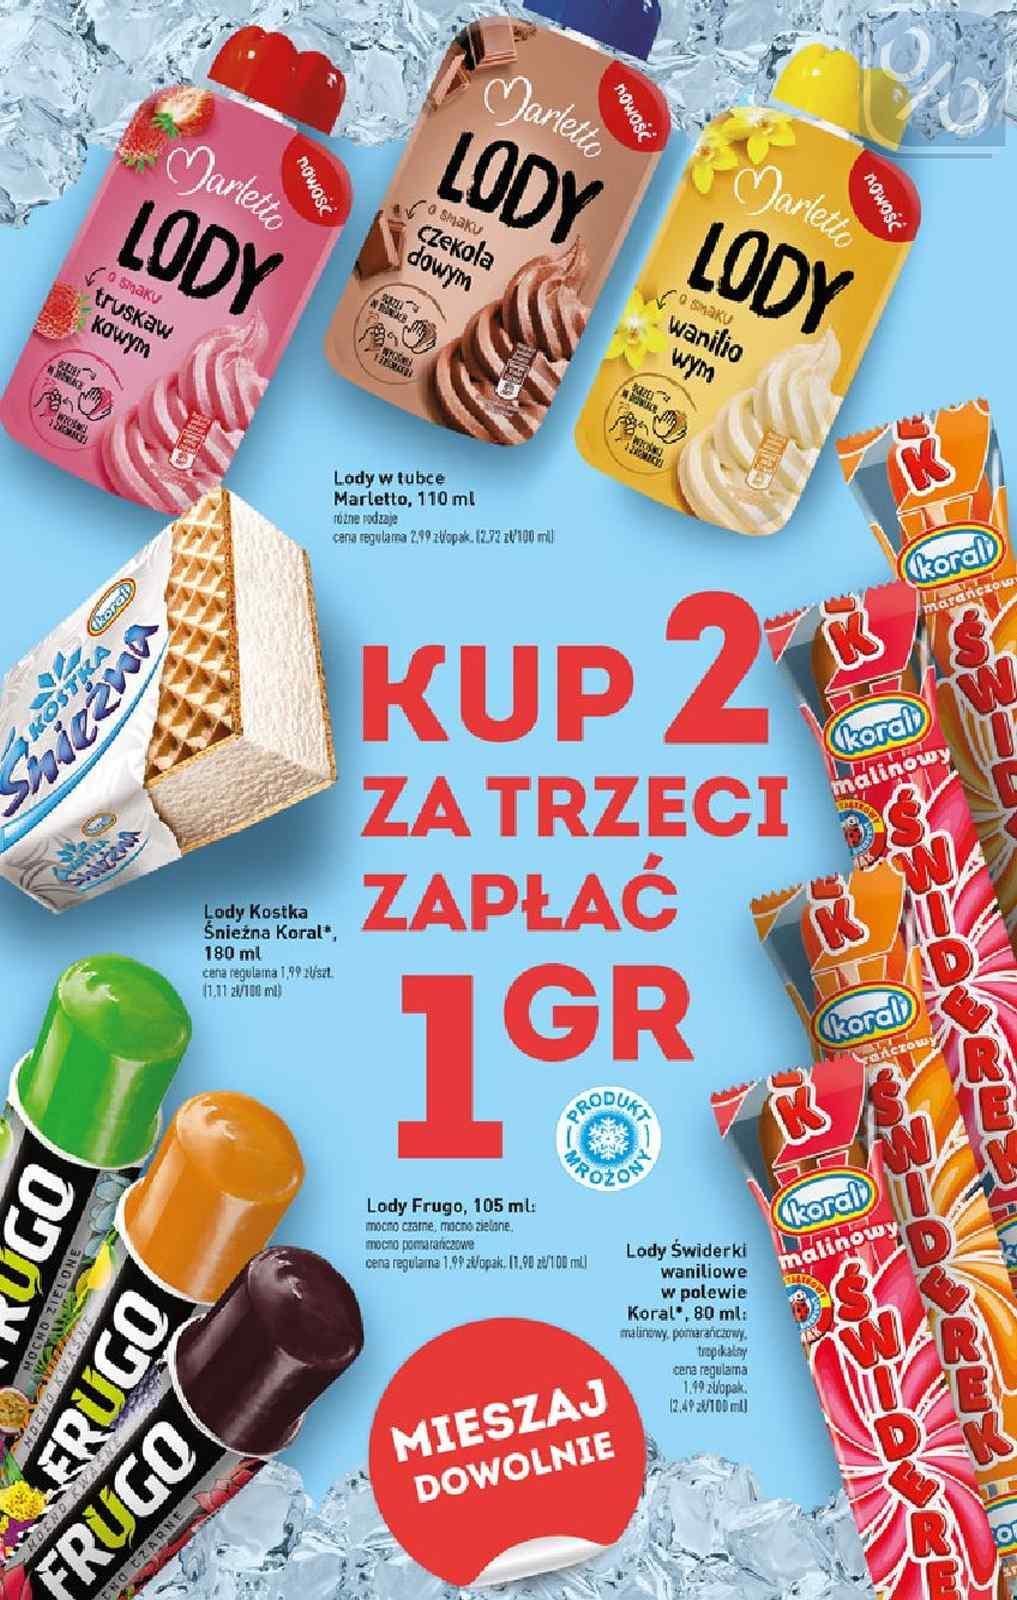 Gazetka promocyjna Biedronka do 13/07/2019 str.42